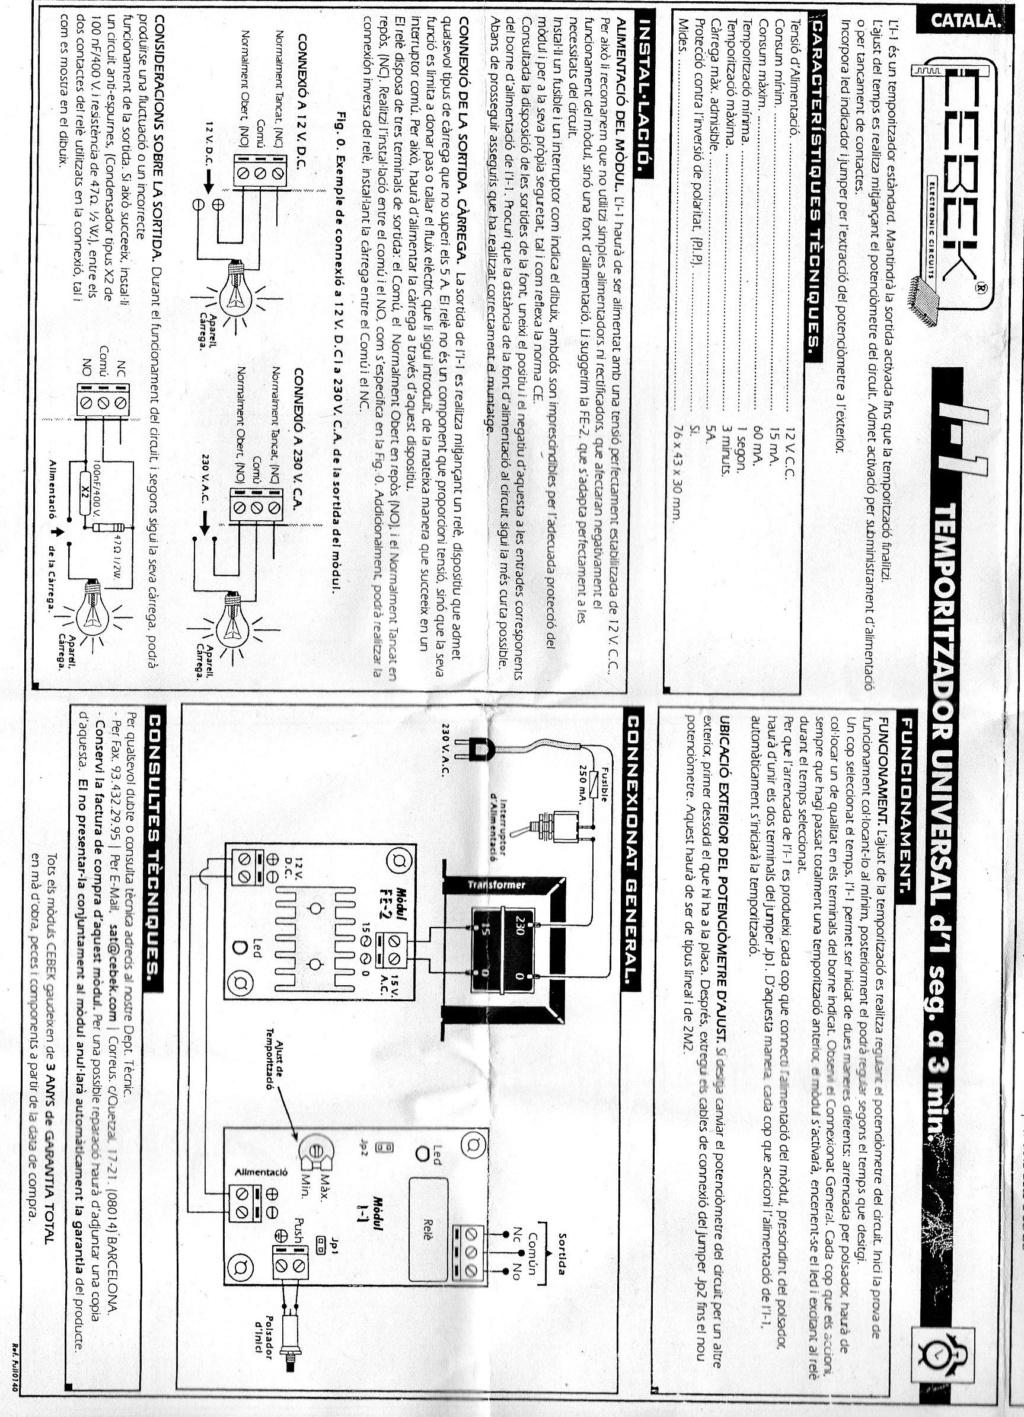 Circuit Momi Català (embarcador) - Página 22 Img02114